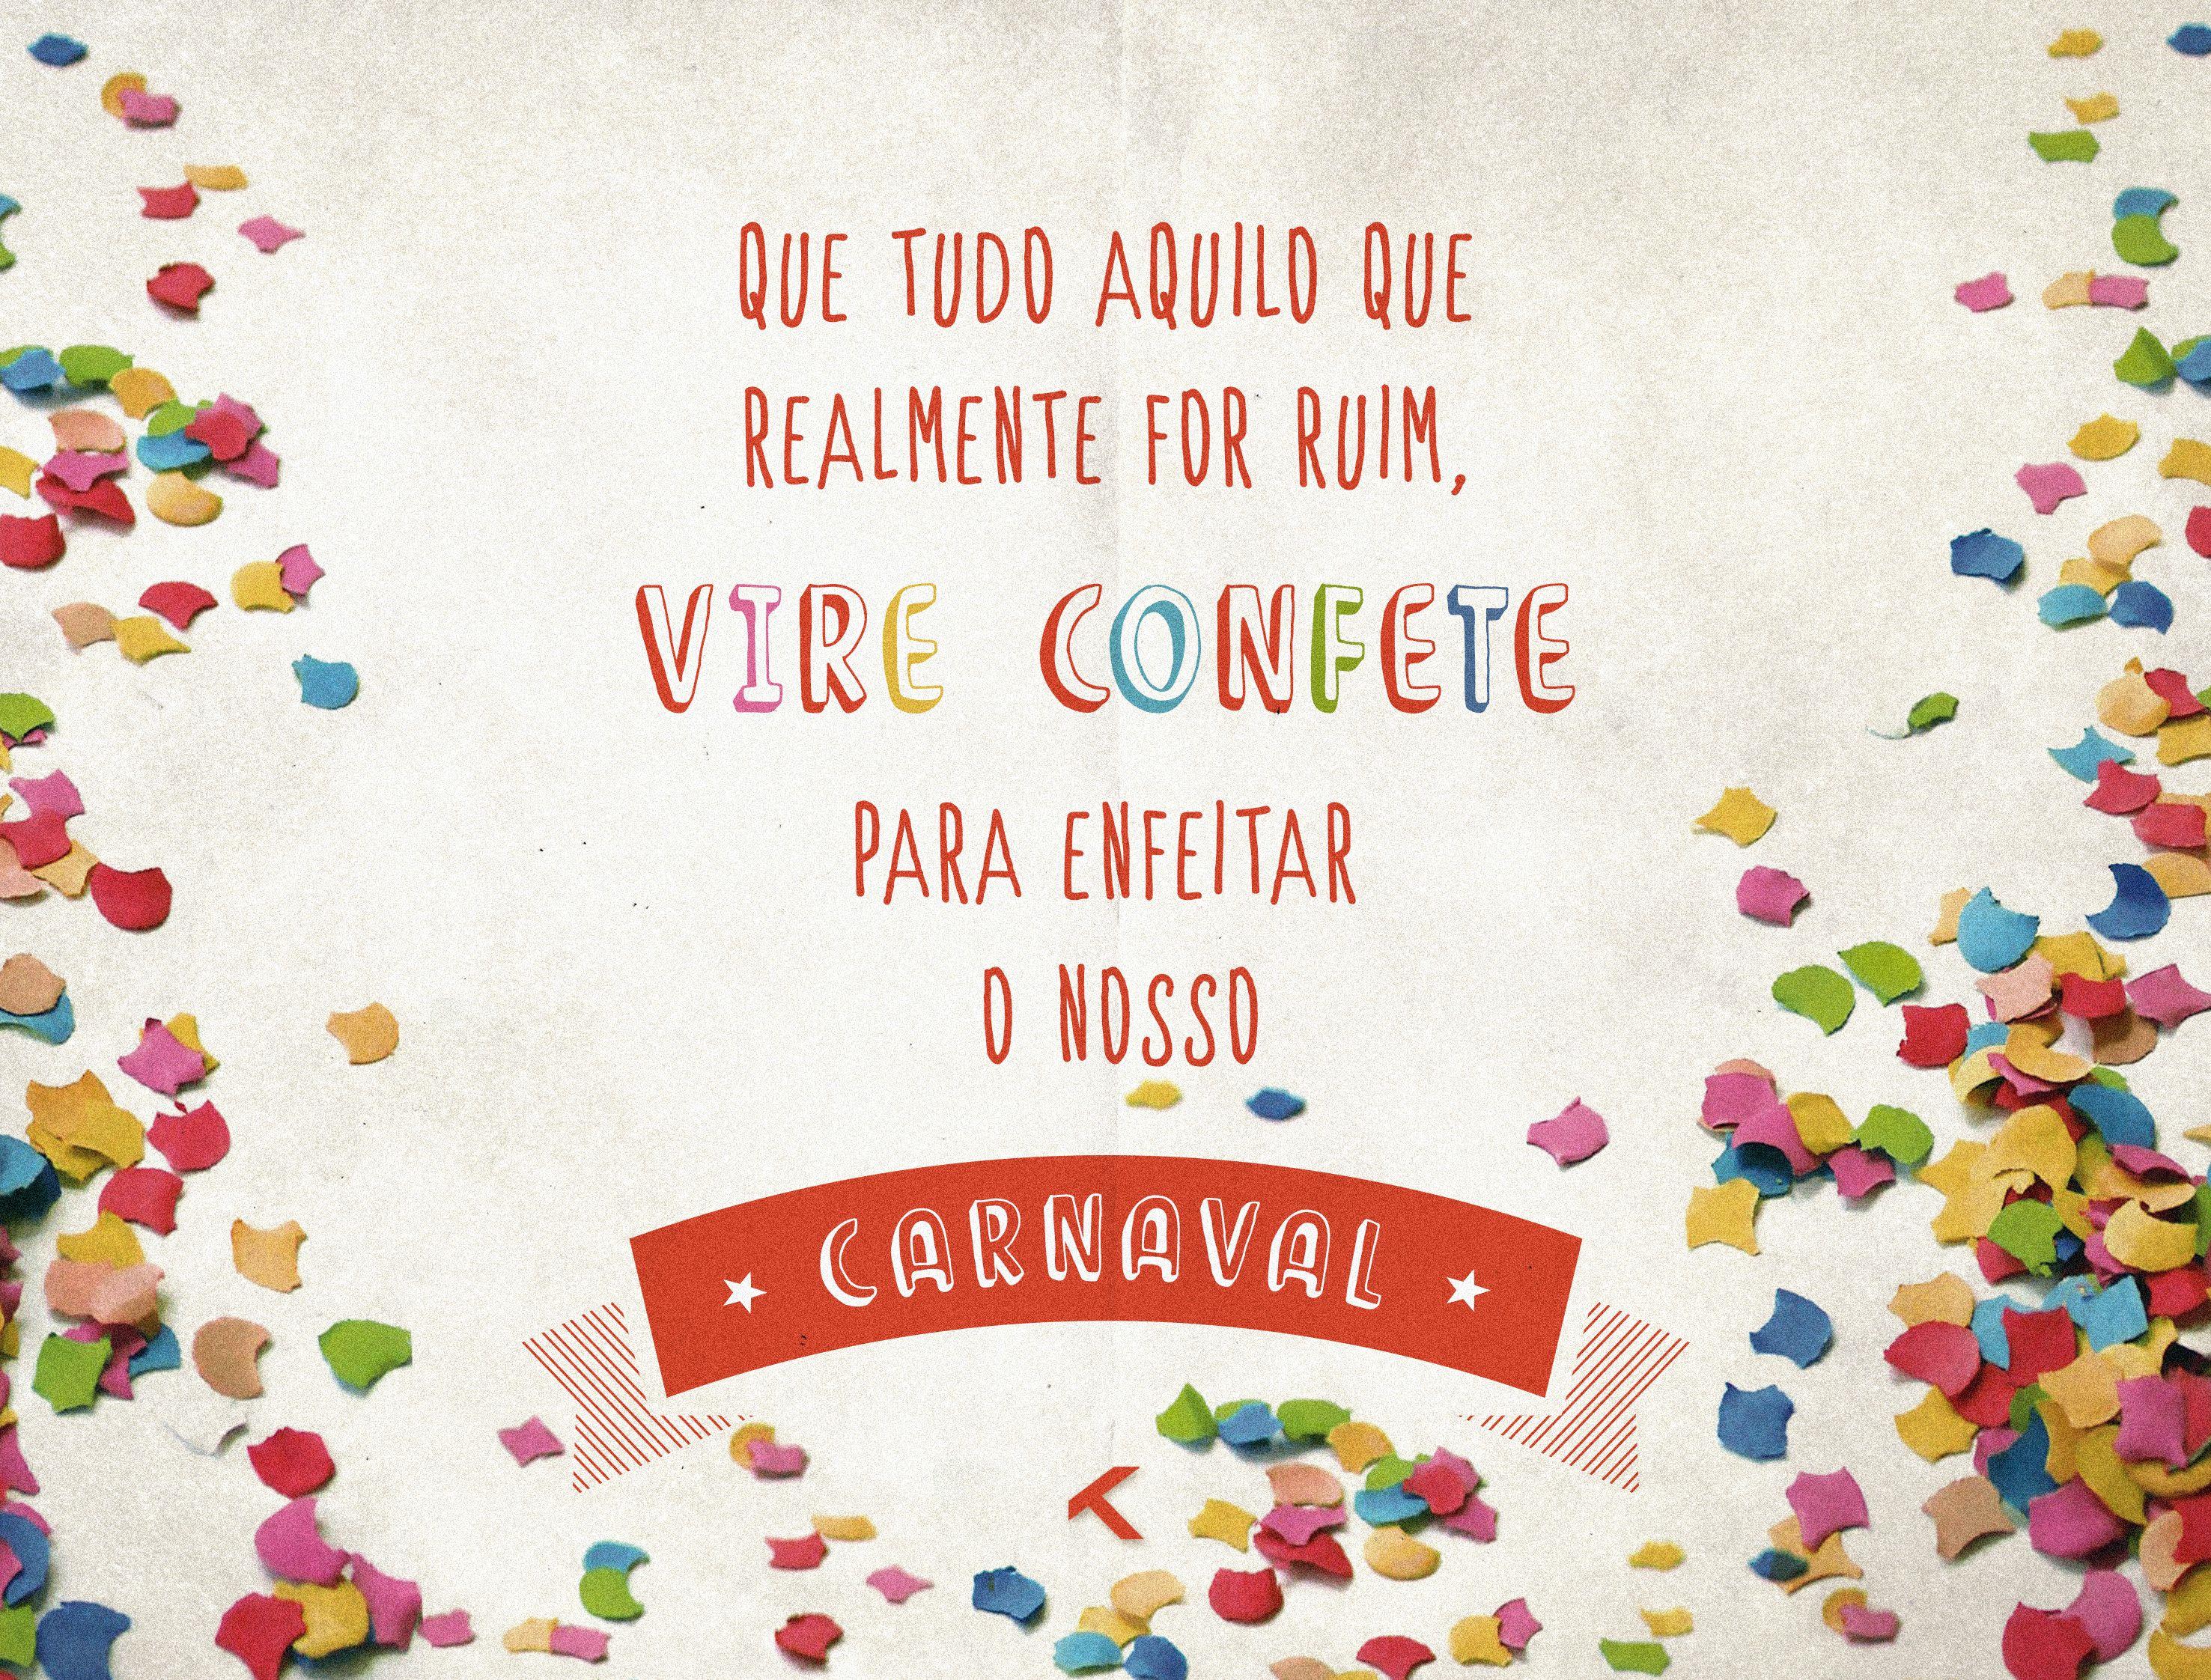 Frases Carnaval Frase Carnaval Mensagens De Carnaval E